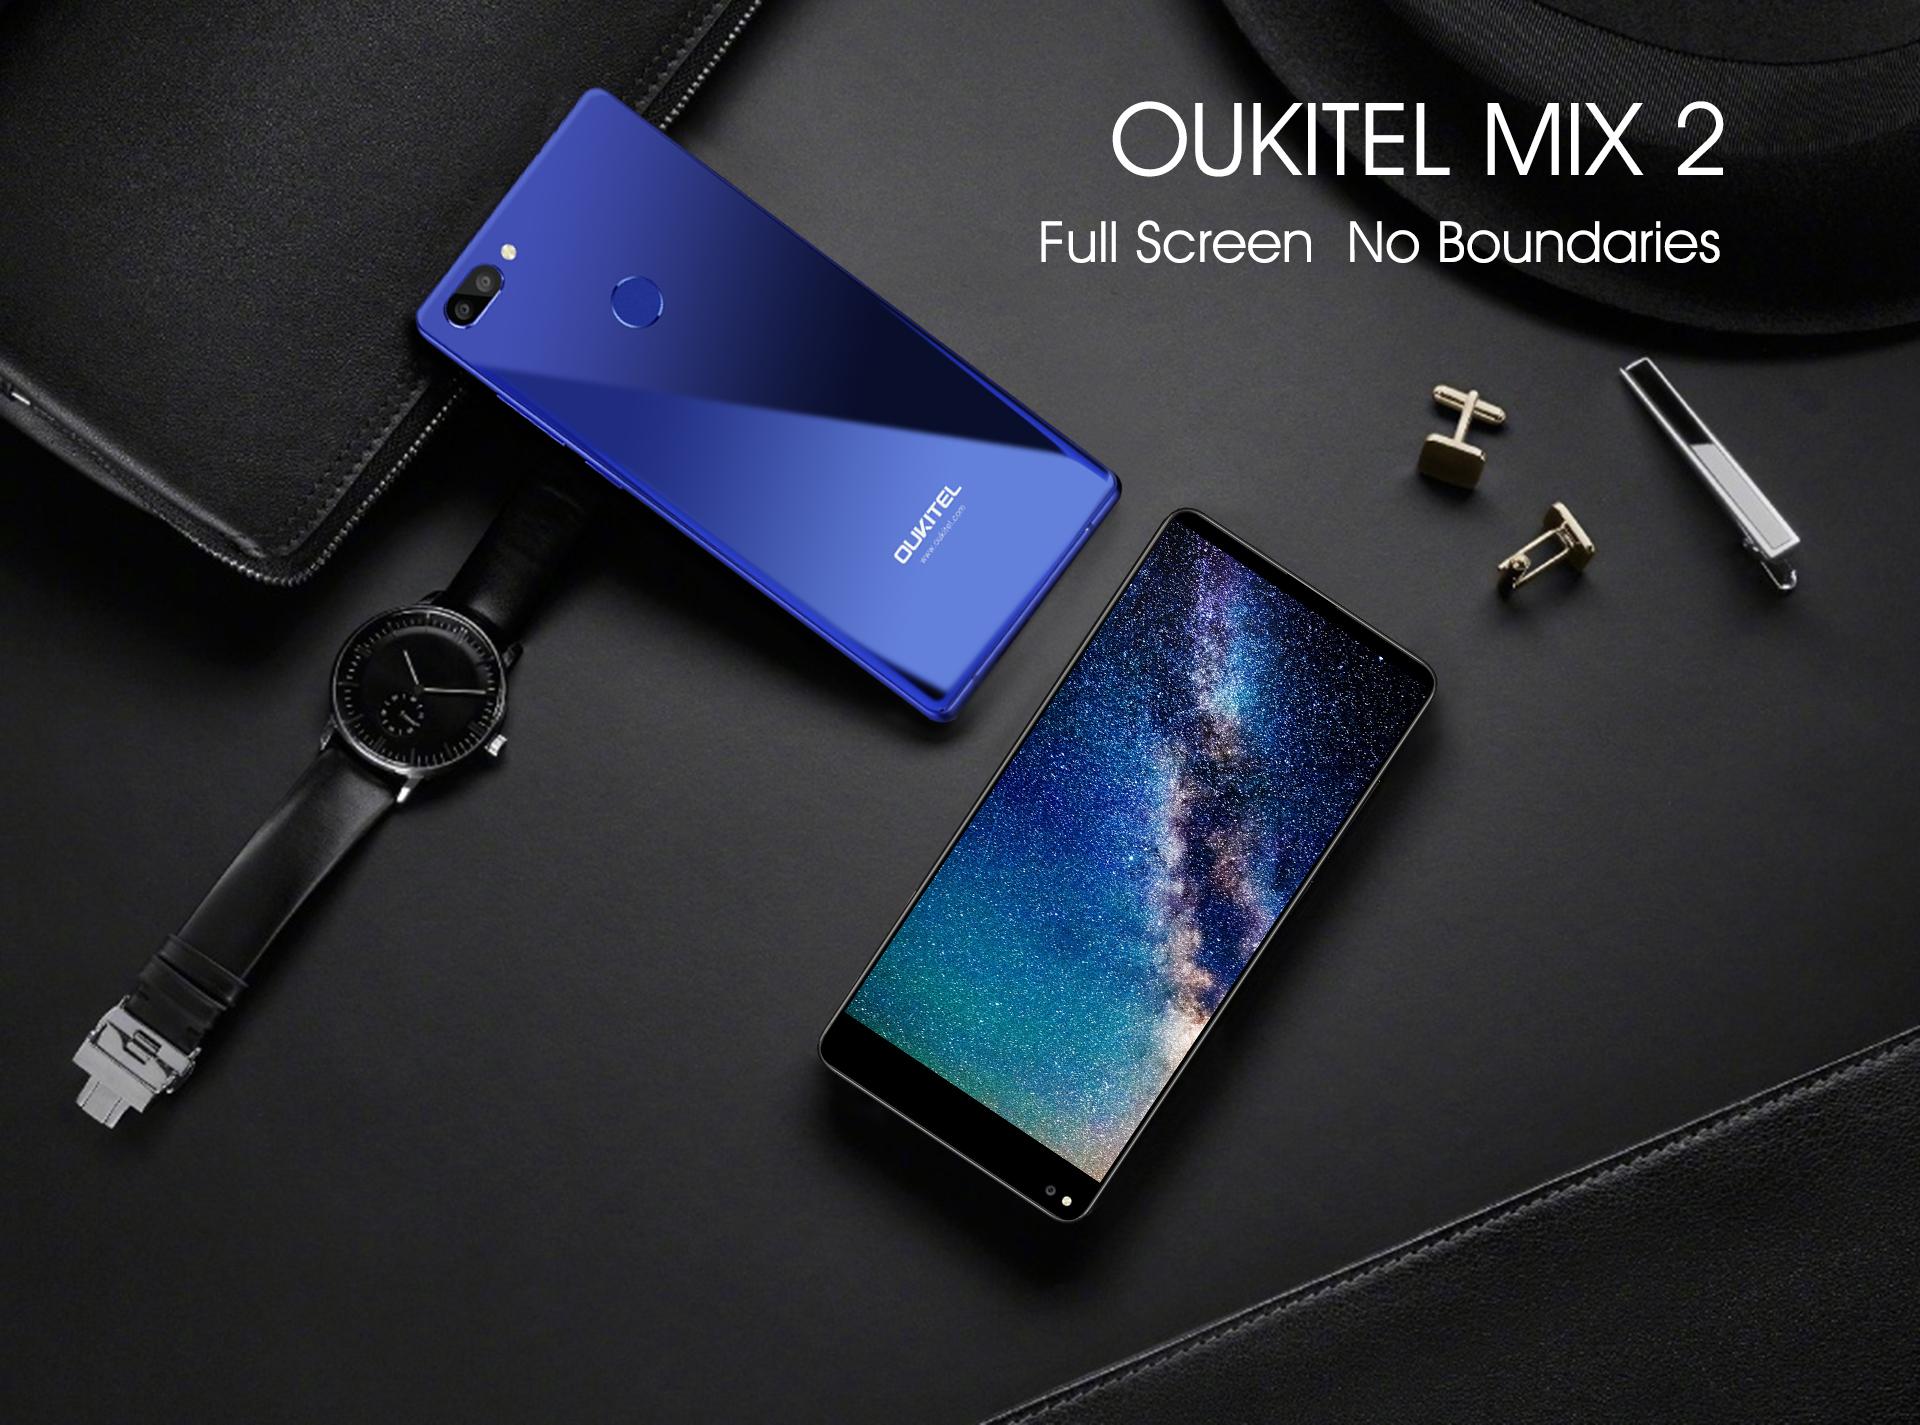 Nuevo Oukitel Mix 2 Smartphone sin bordes llega al mercado móvil